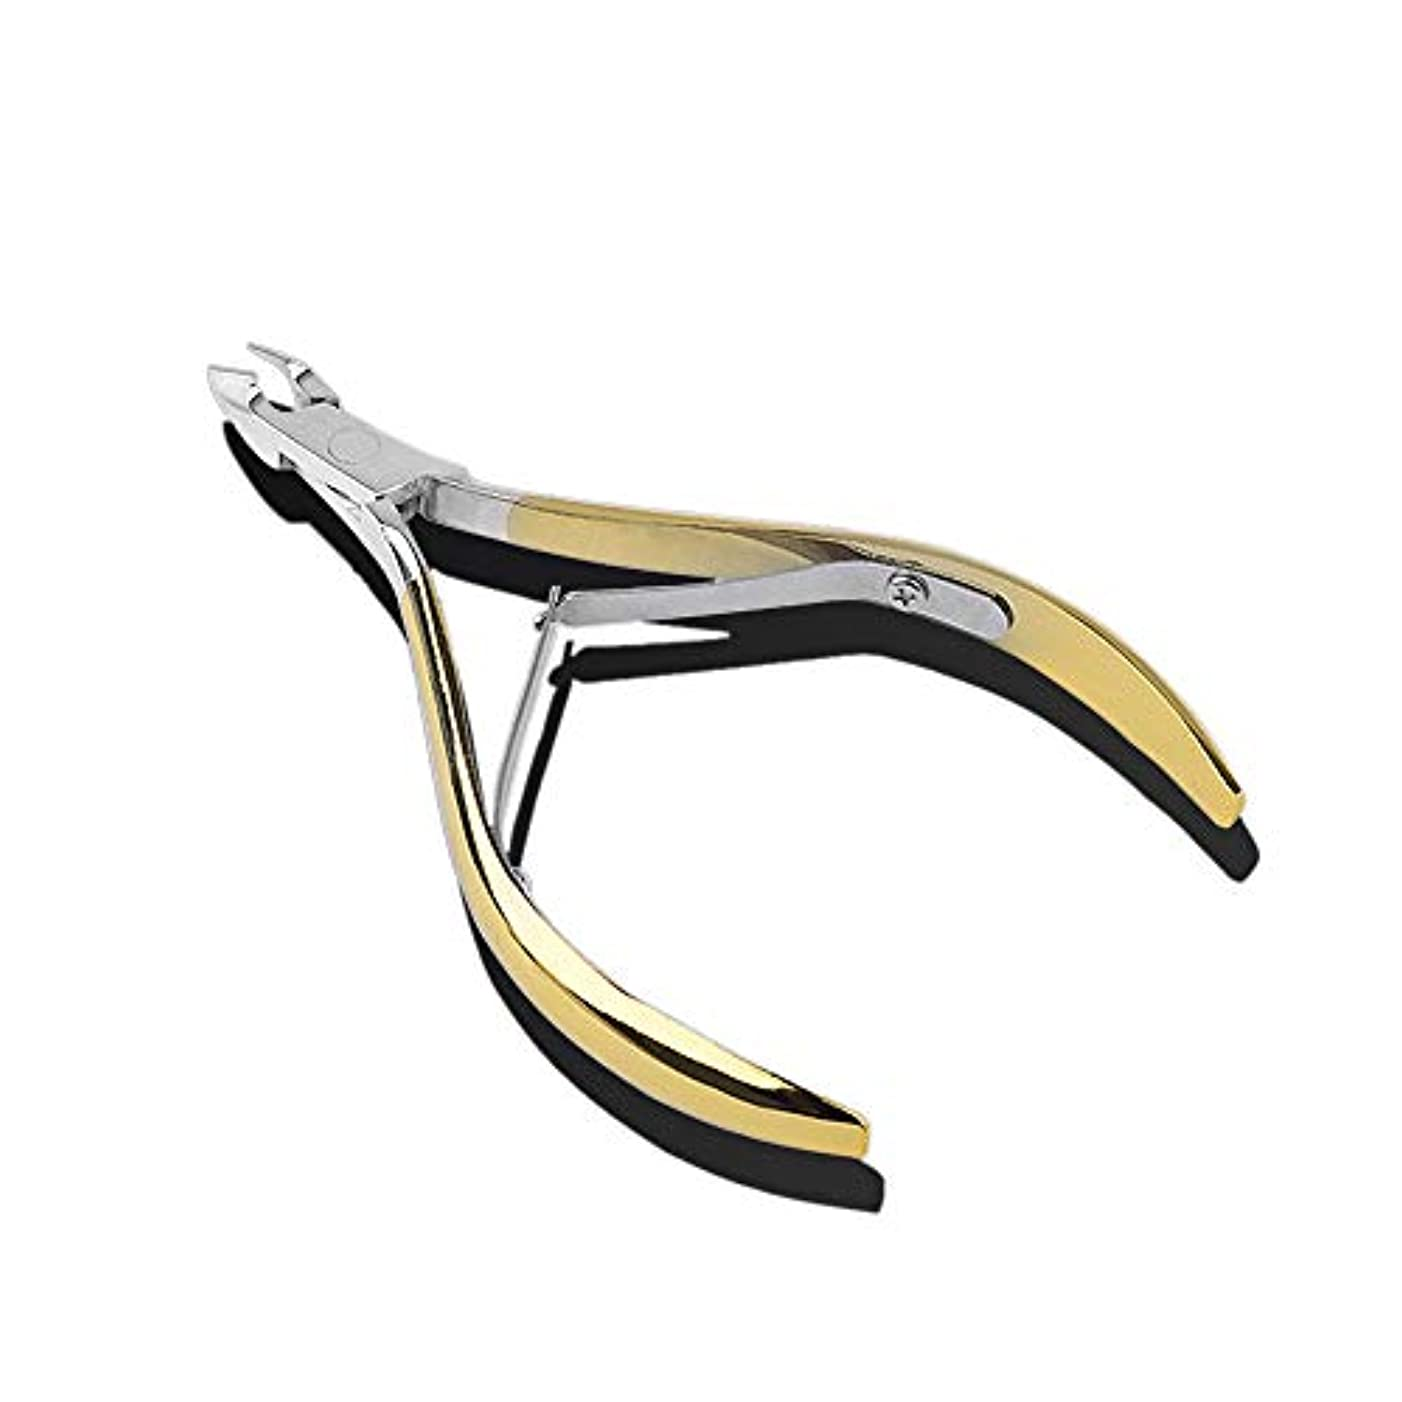 ためにガロン機械的ニッパー型爪切りステンレス鋼 爪切り ニッパーツメキリ最適 お年寄り 高齢者 医療 介護 あしまき、ゴールド